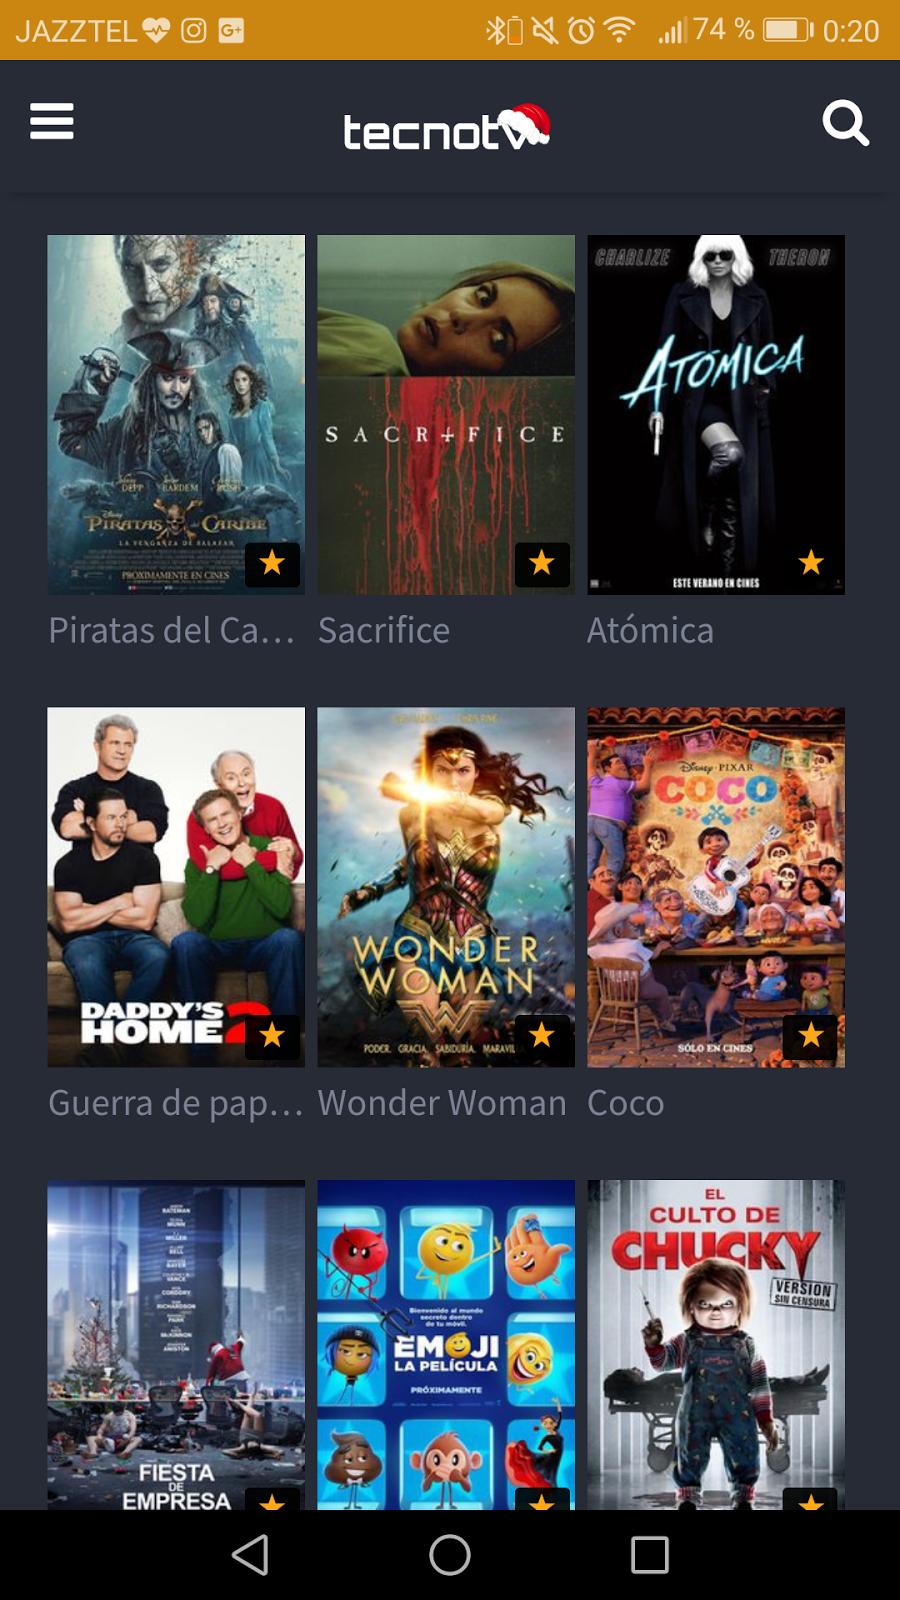 Nueva APP ver canales de TV - Peliculas en android GRATIS